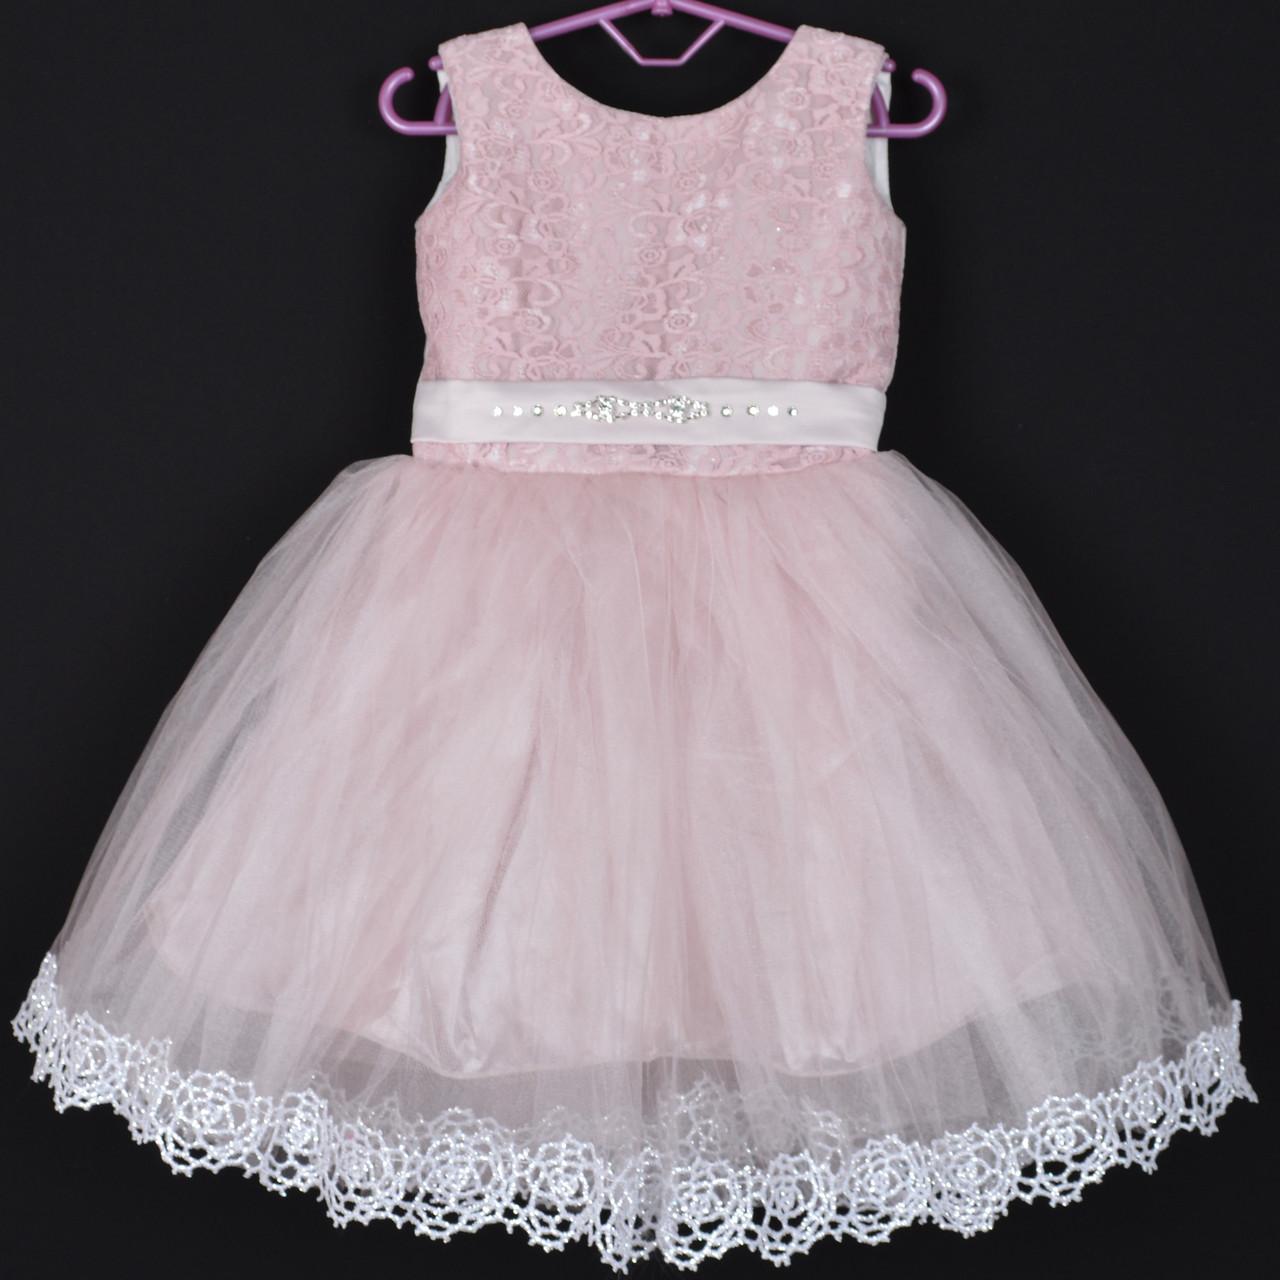 """Платье нарядное детское """"Гортензия"""". 2-4 года. Пудра. Оптом и в розницу"""